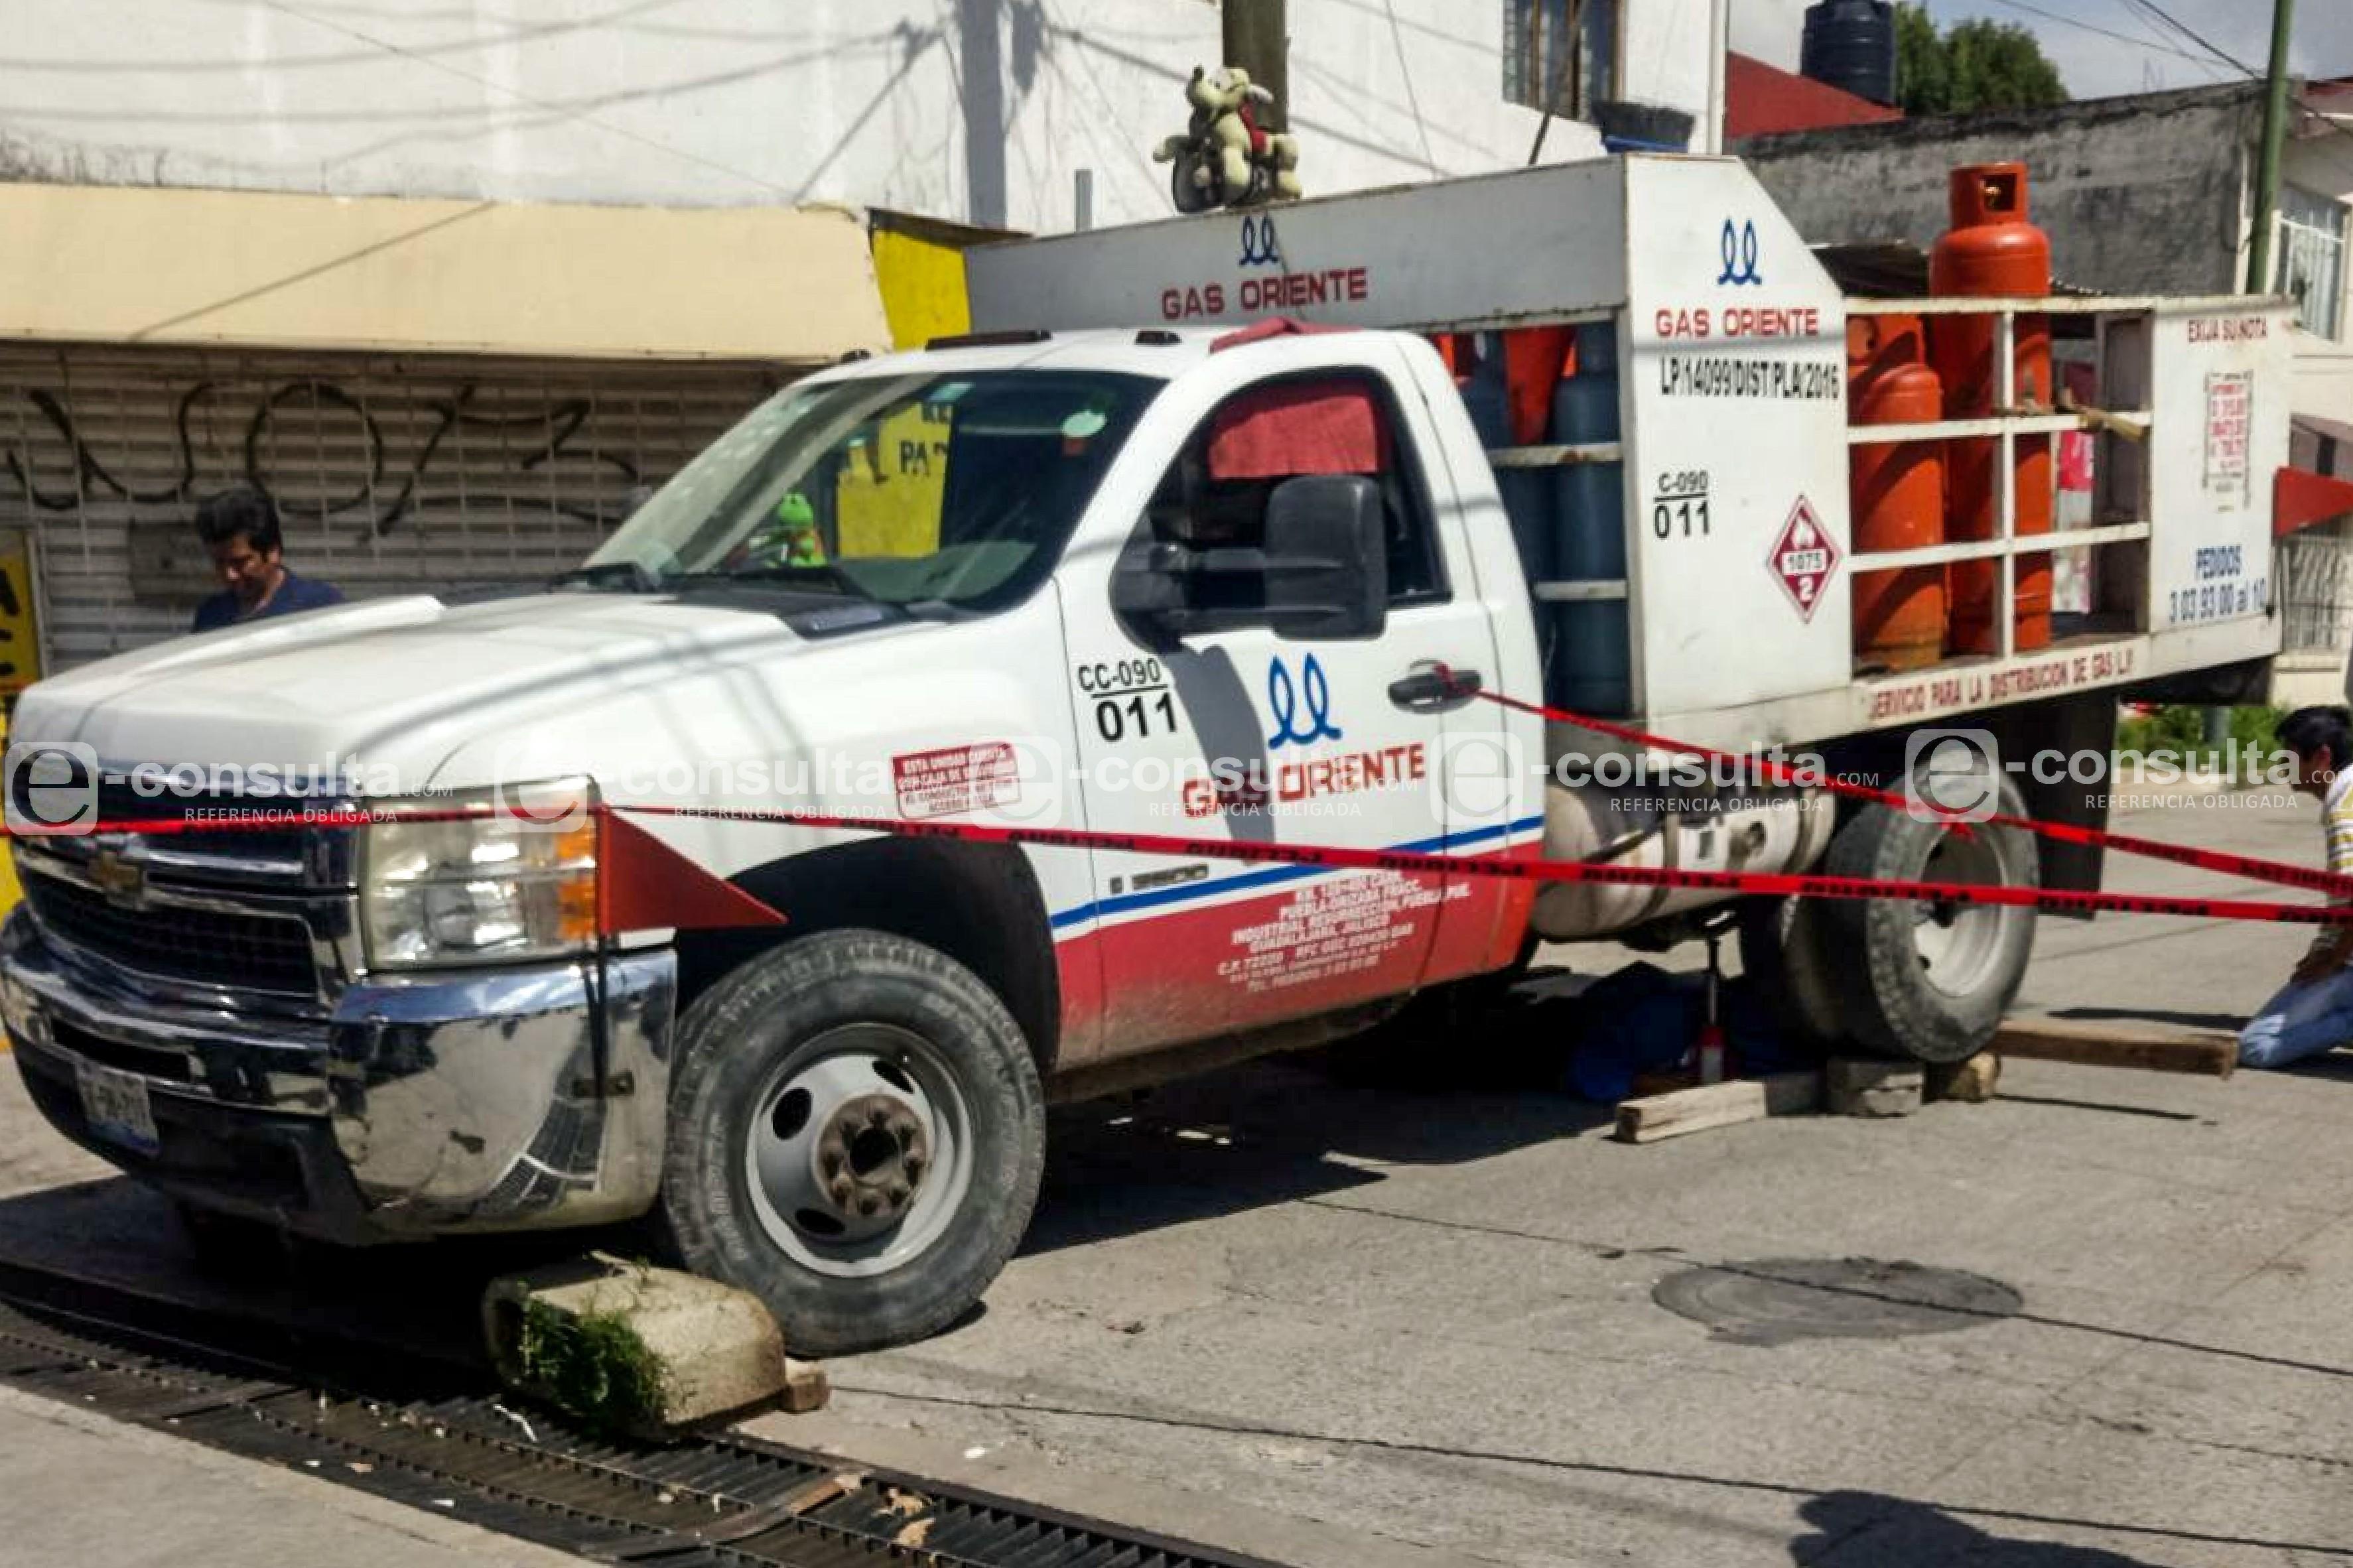 Anciana muere bajo las llantas de camión de Gas de Oriente